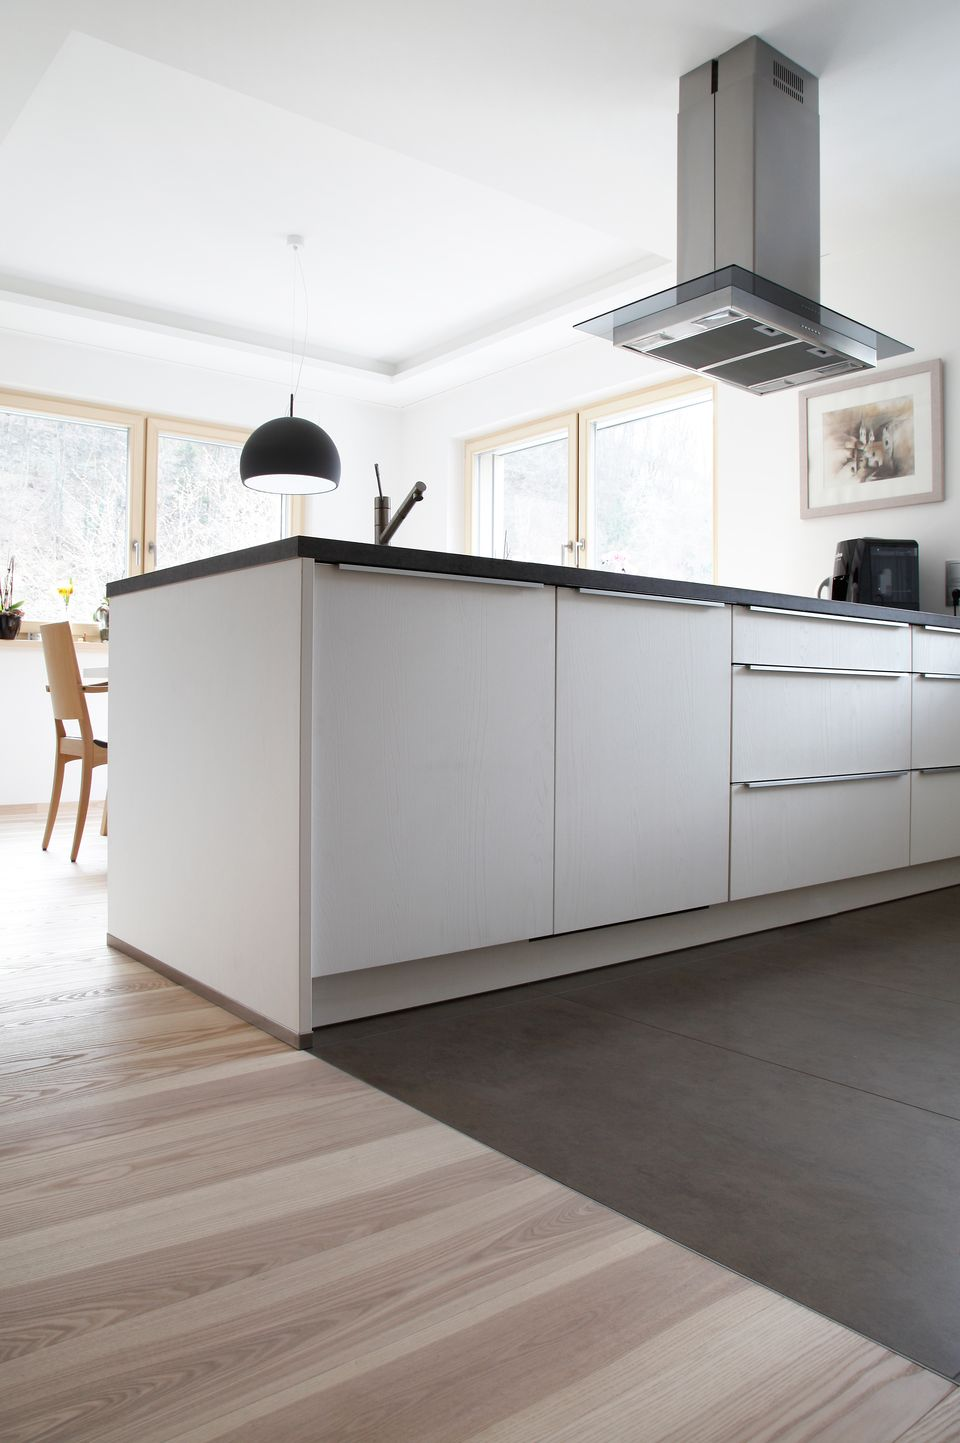 erfahren die bodenleger von hofer fliesen b den s dtirol. Black Bedroom Furniture Sets. Home Design Ideas